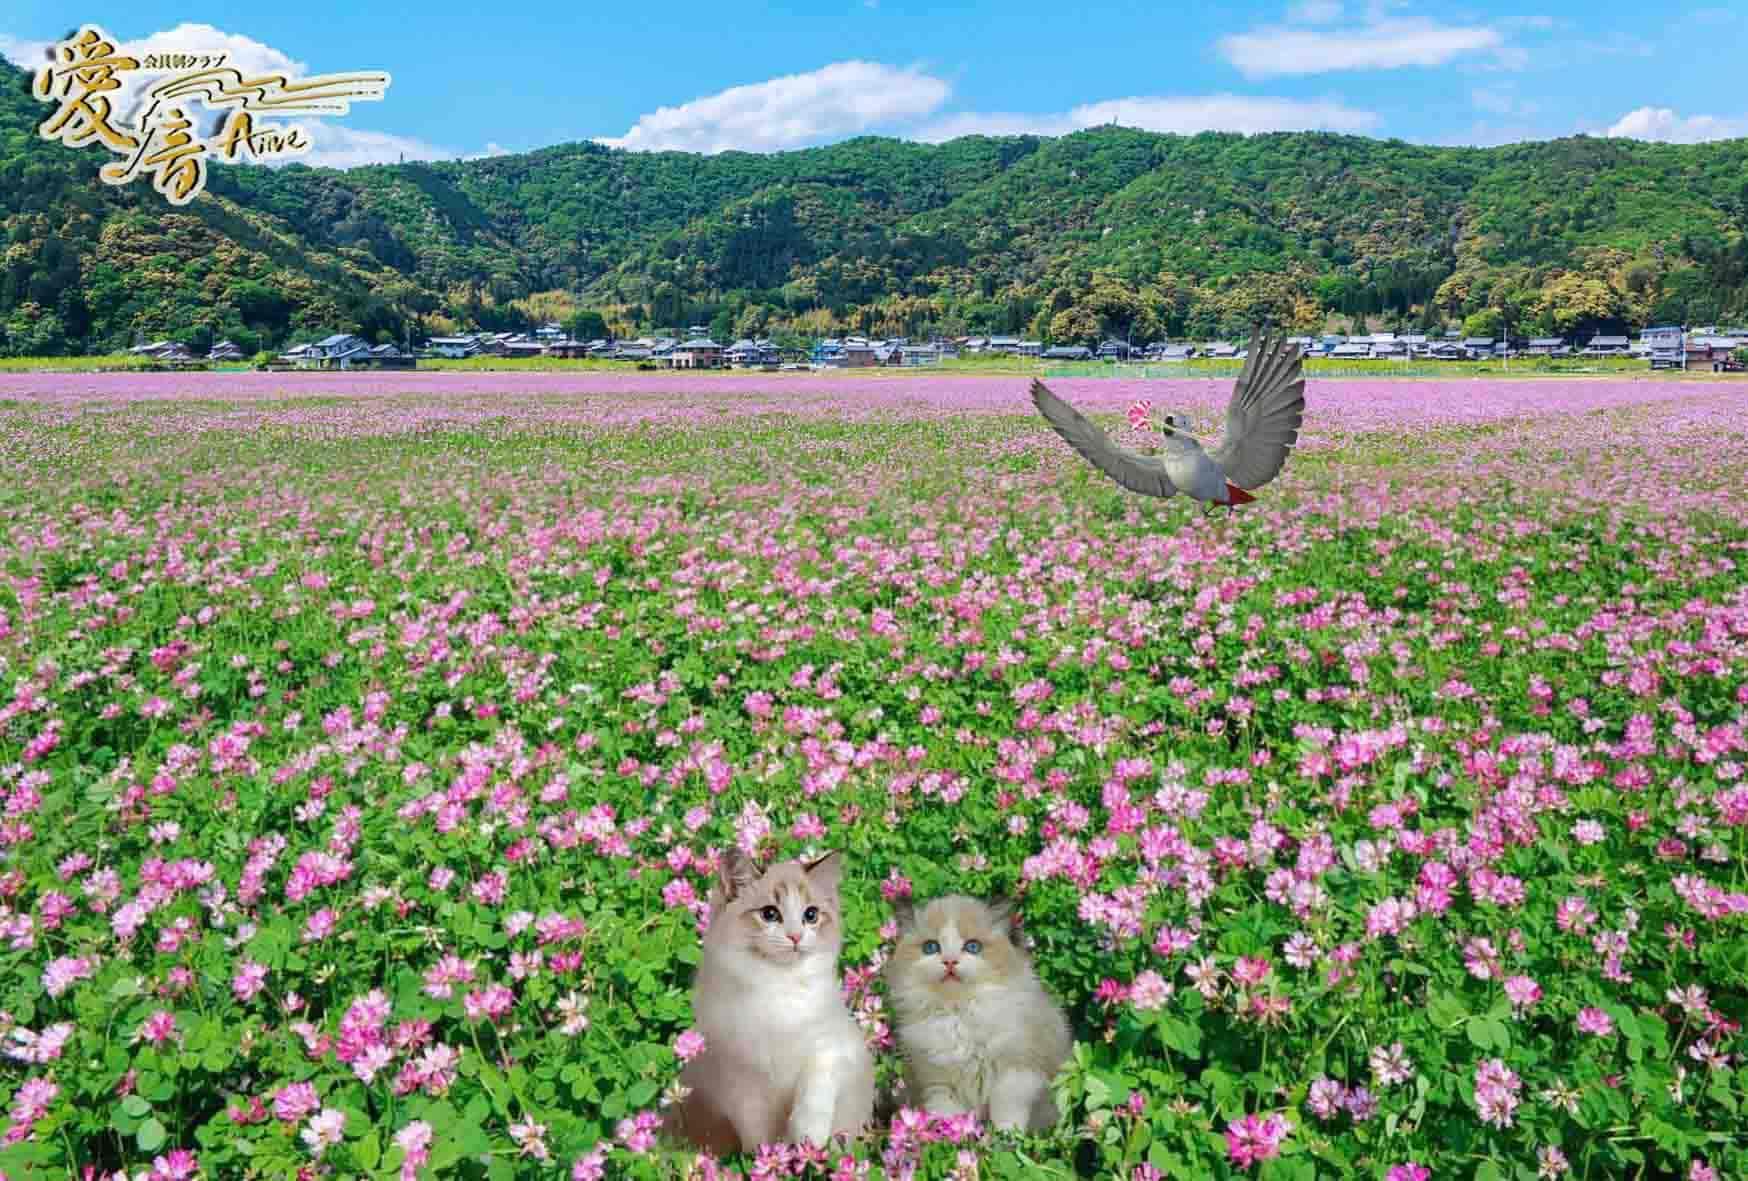 レンゲ草の花言葉は「心が和らぐ」😌🎀